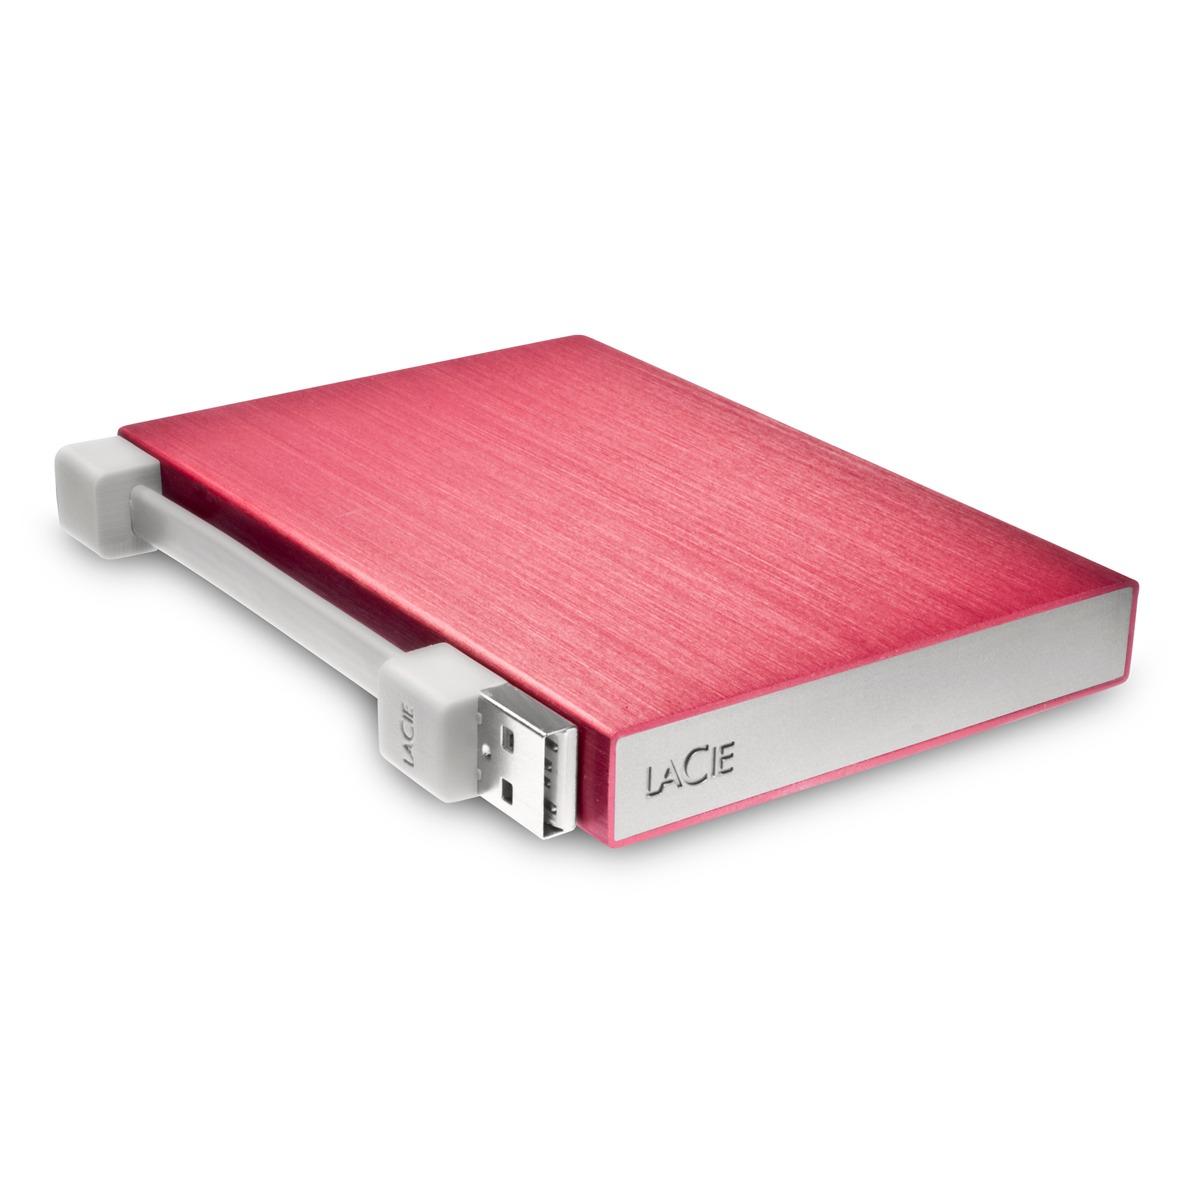 lacie rikiki go 500 go rouge disque dur externe lacie sur. Black Bedroom Furniture Sets. Home Design Ideas